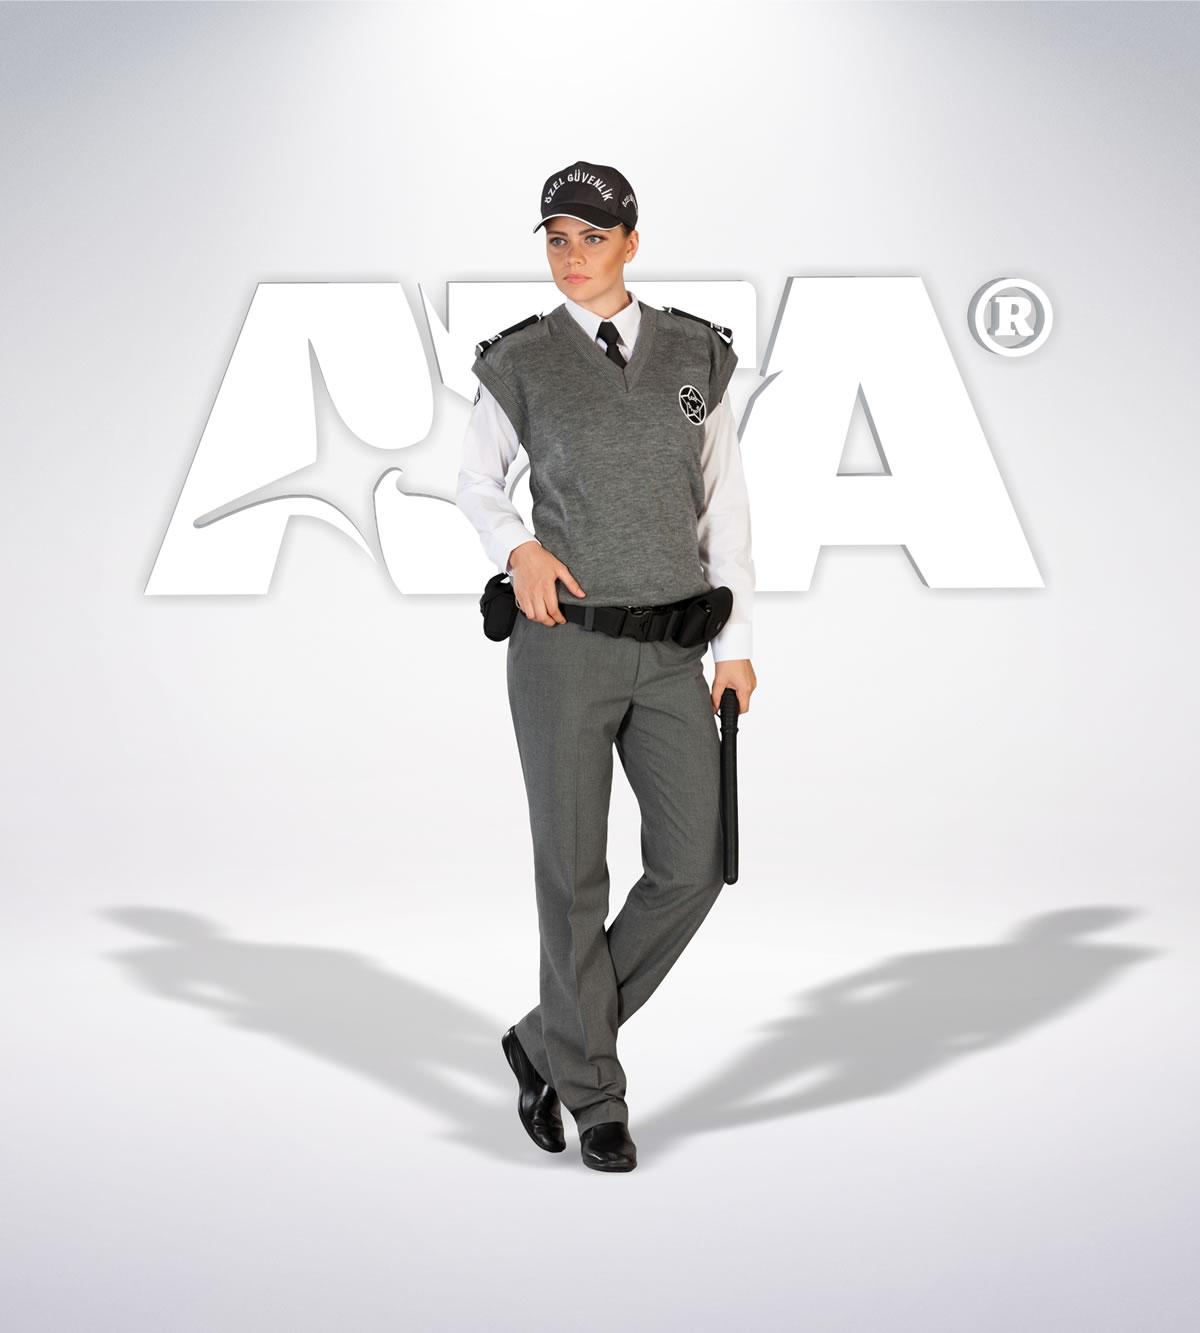 ATA 148 - Ribstop kumaş pantolon - ribstop gömlek - aksesuar - v yaka kazak - güvenlik elbiseleri | güvenlik üniformaları | güvenlik kıyafetleri